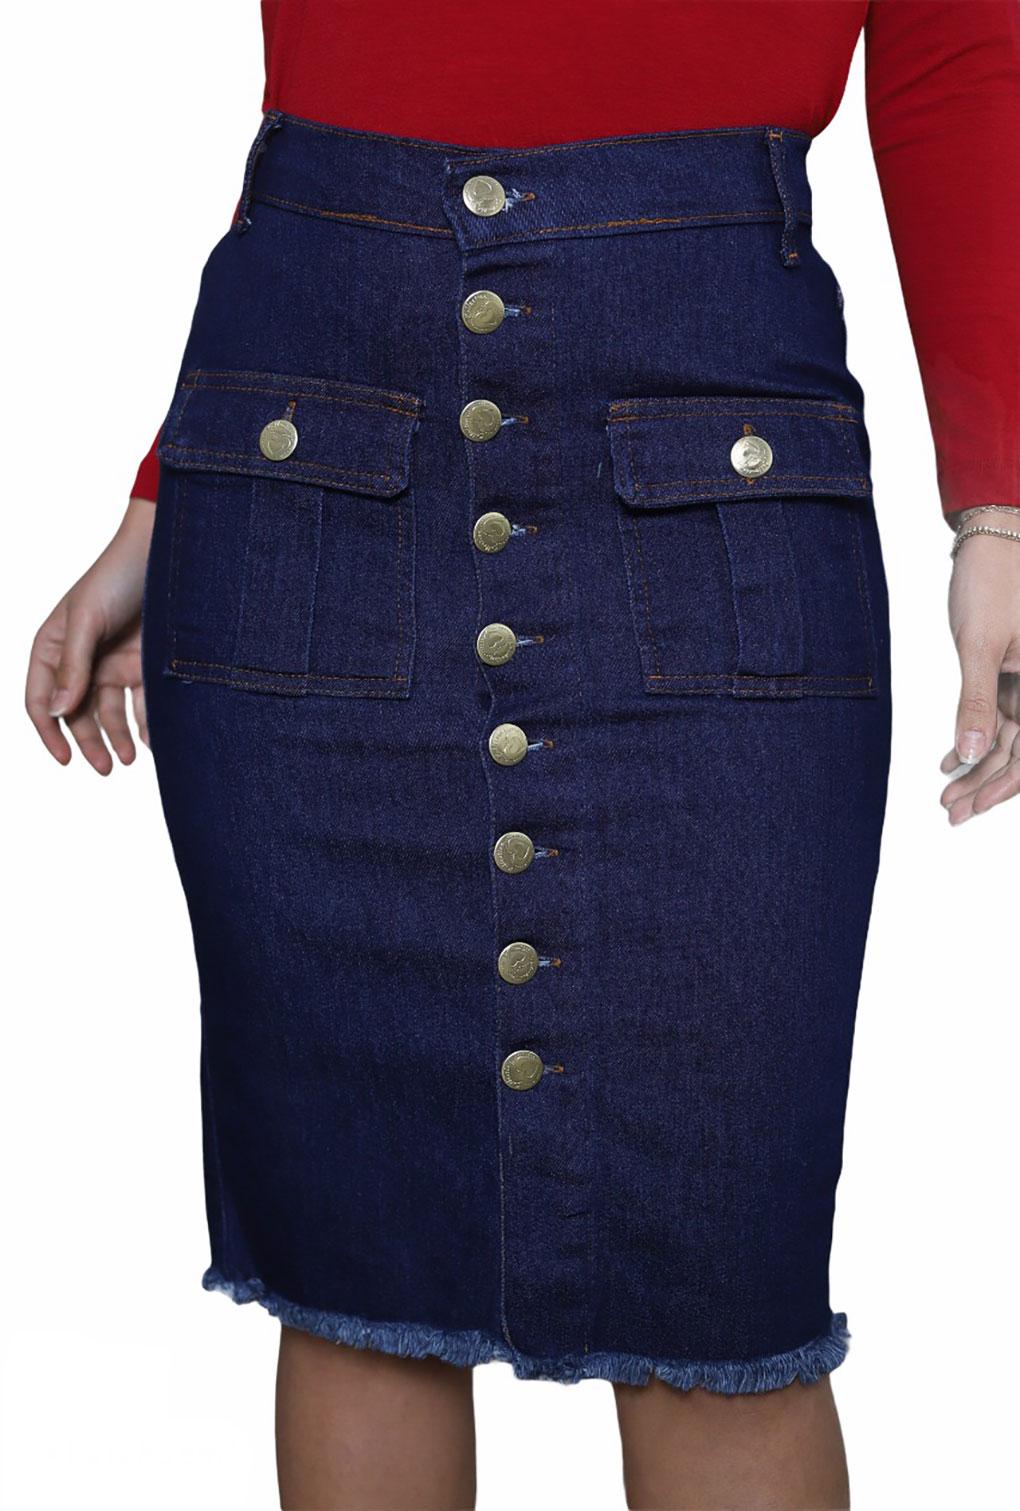 Saia jeans Midi Feminino Com Detalhe Botões  - ModaStore | Moda Feminina